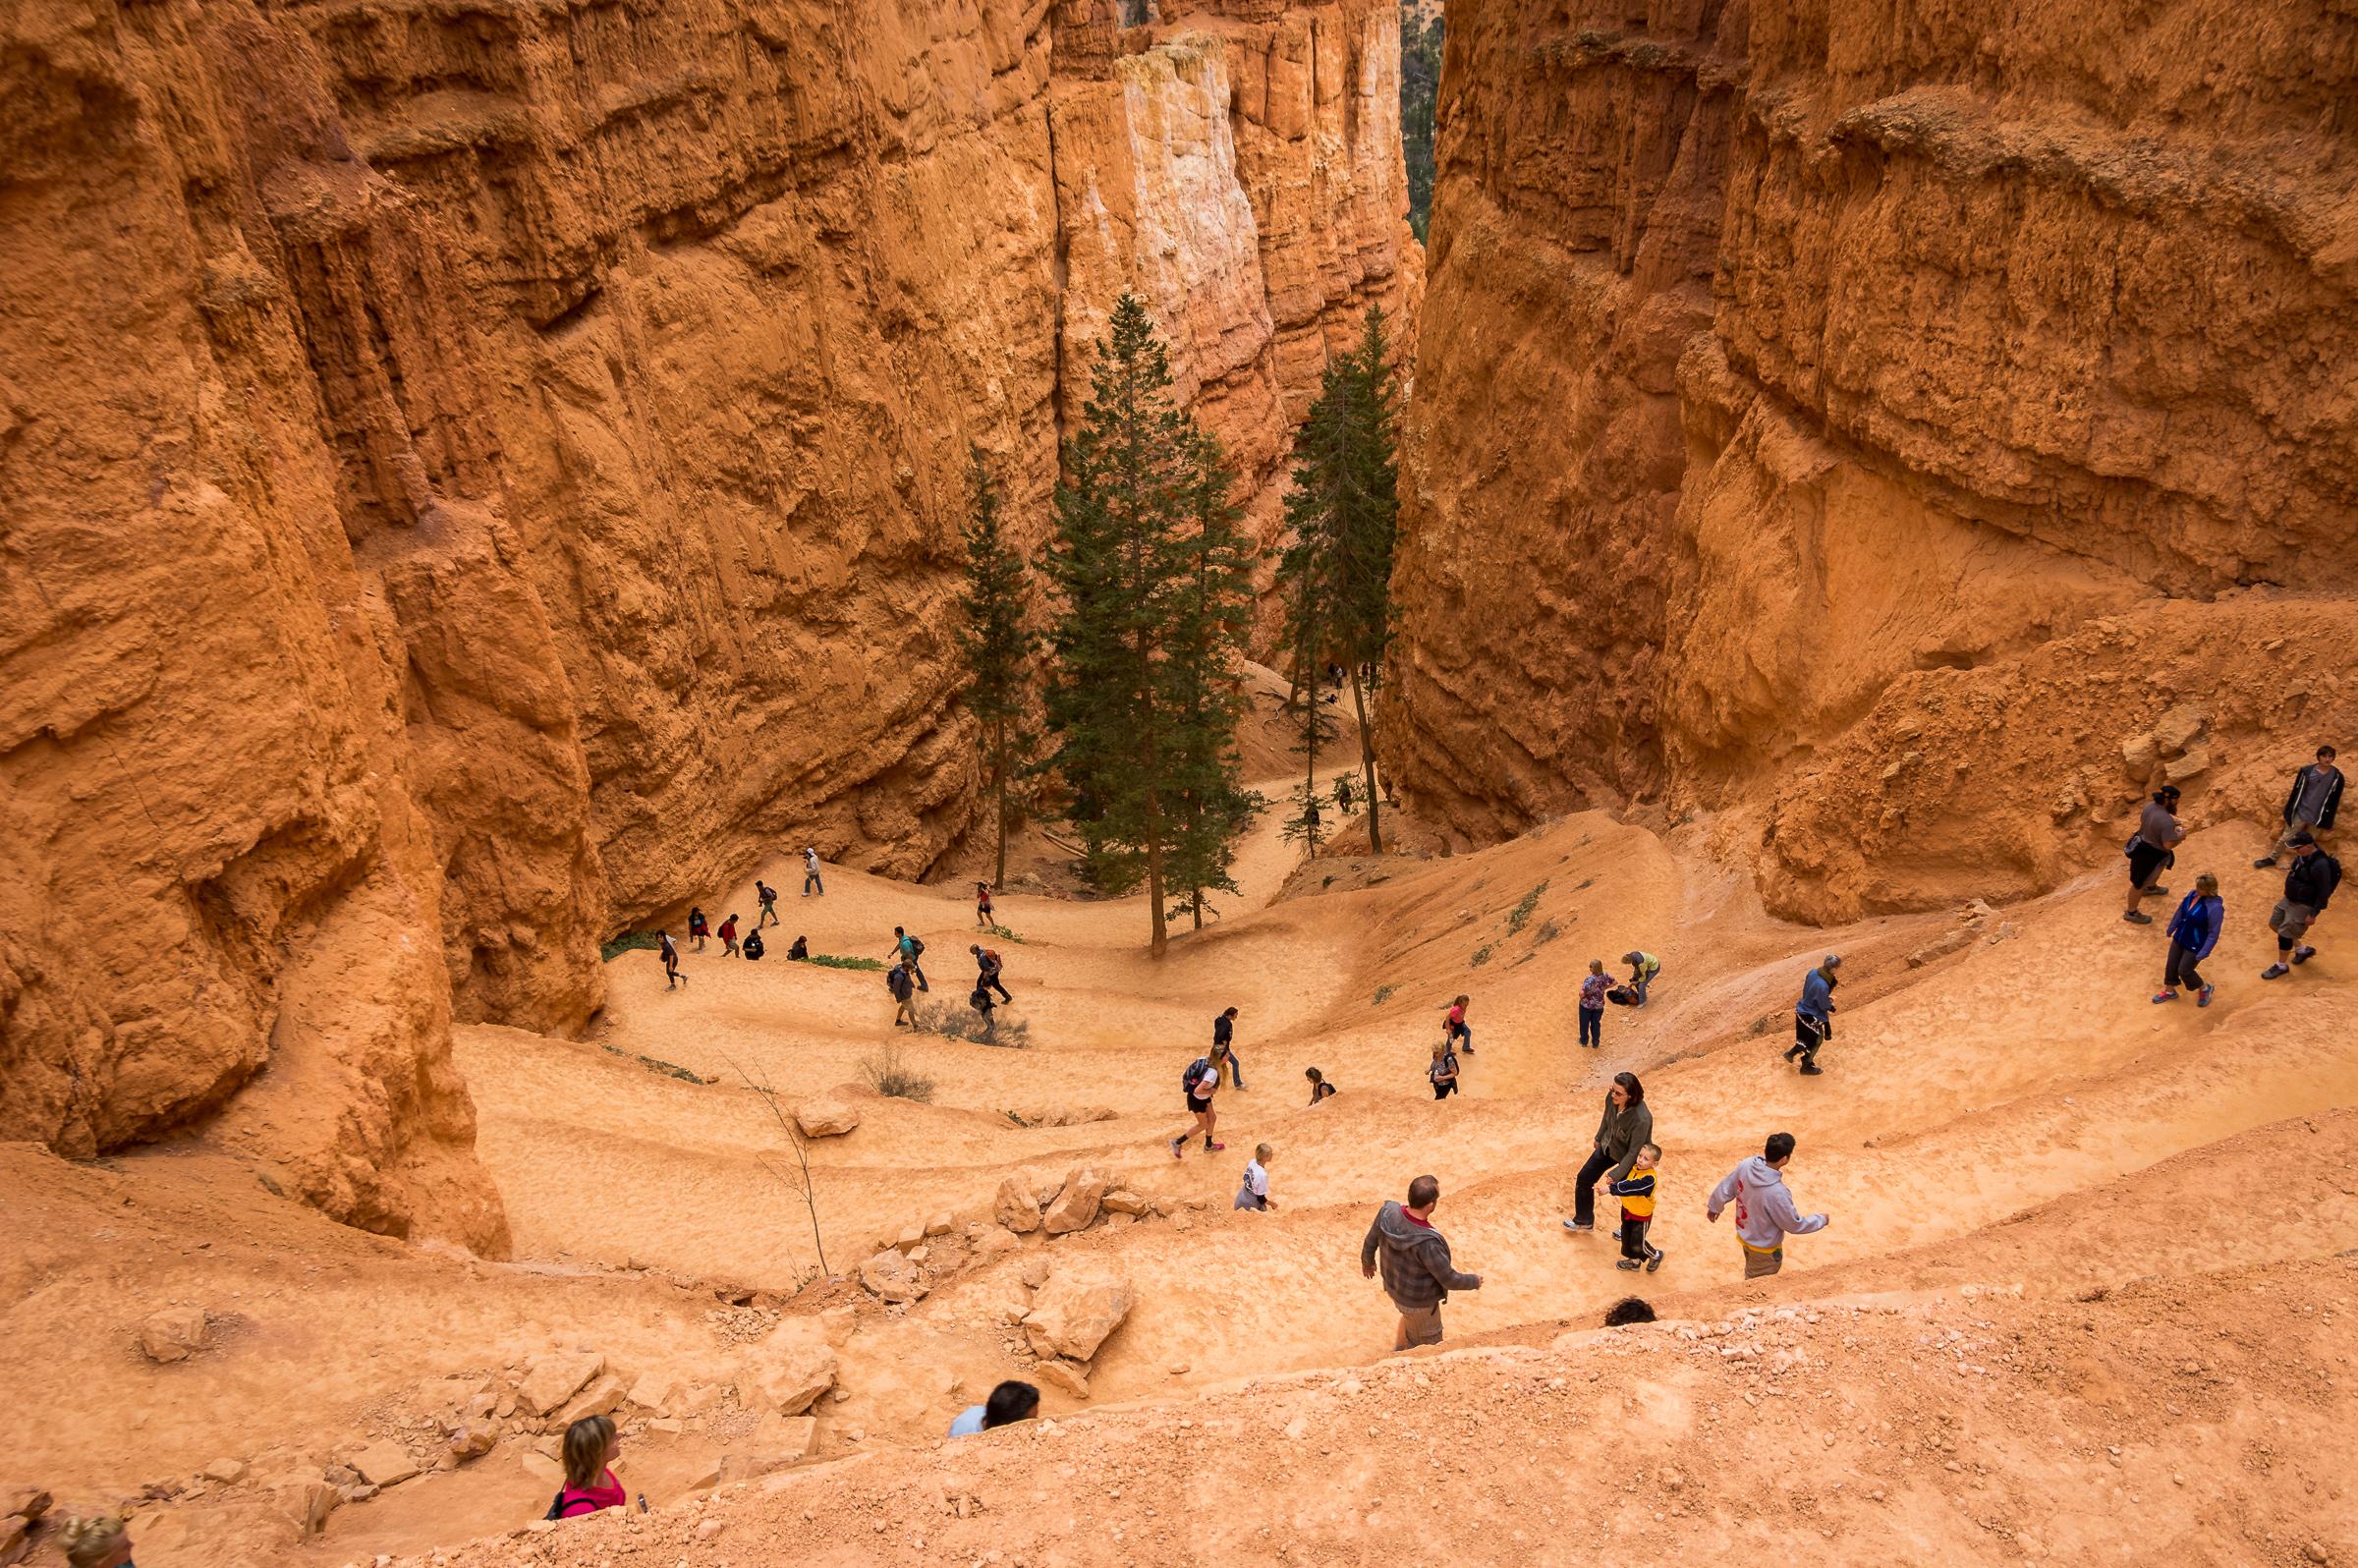 Der kurze Spaziergang wurde doch eine richtige kleine Wanderung. Der Bryce Canyon verlangt förmlich danach.